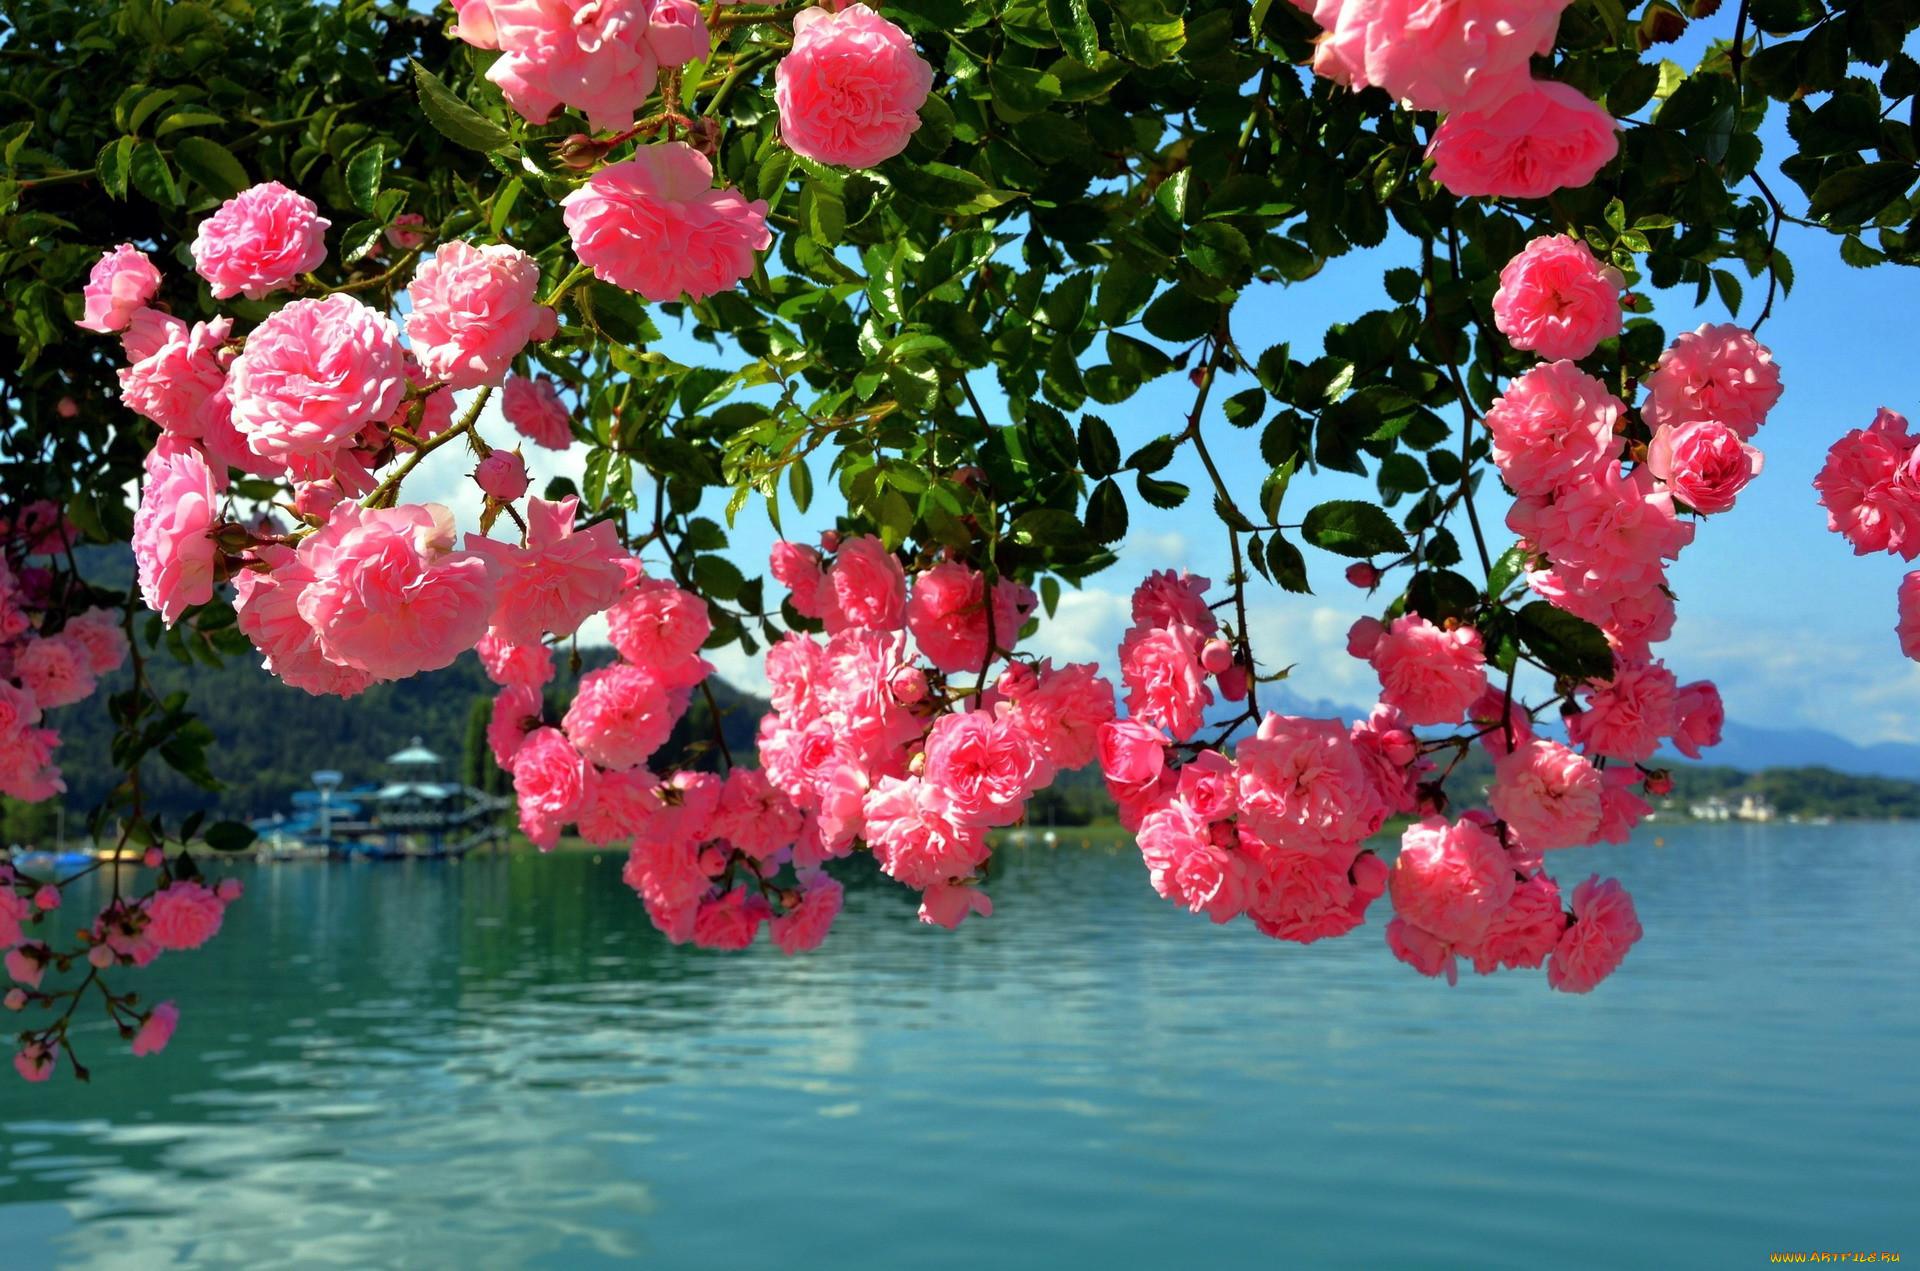 Картинки с розовыми цветами отличает других